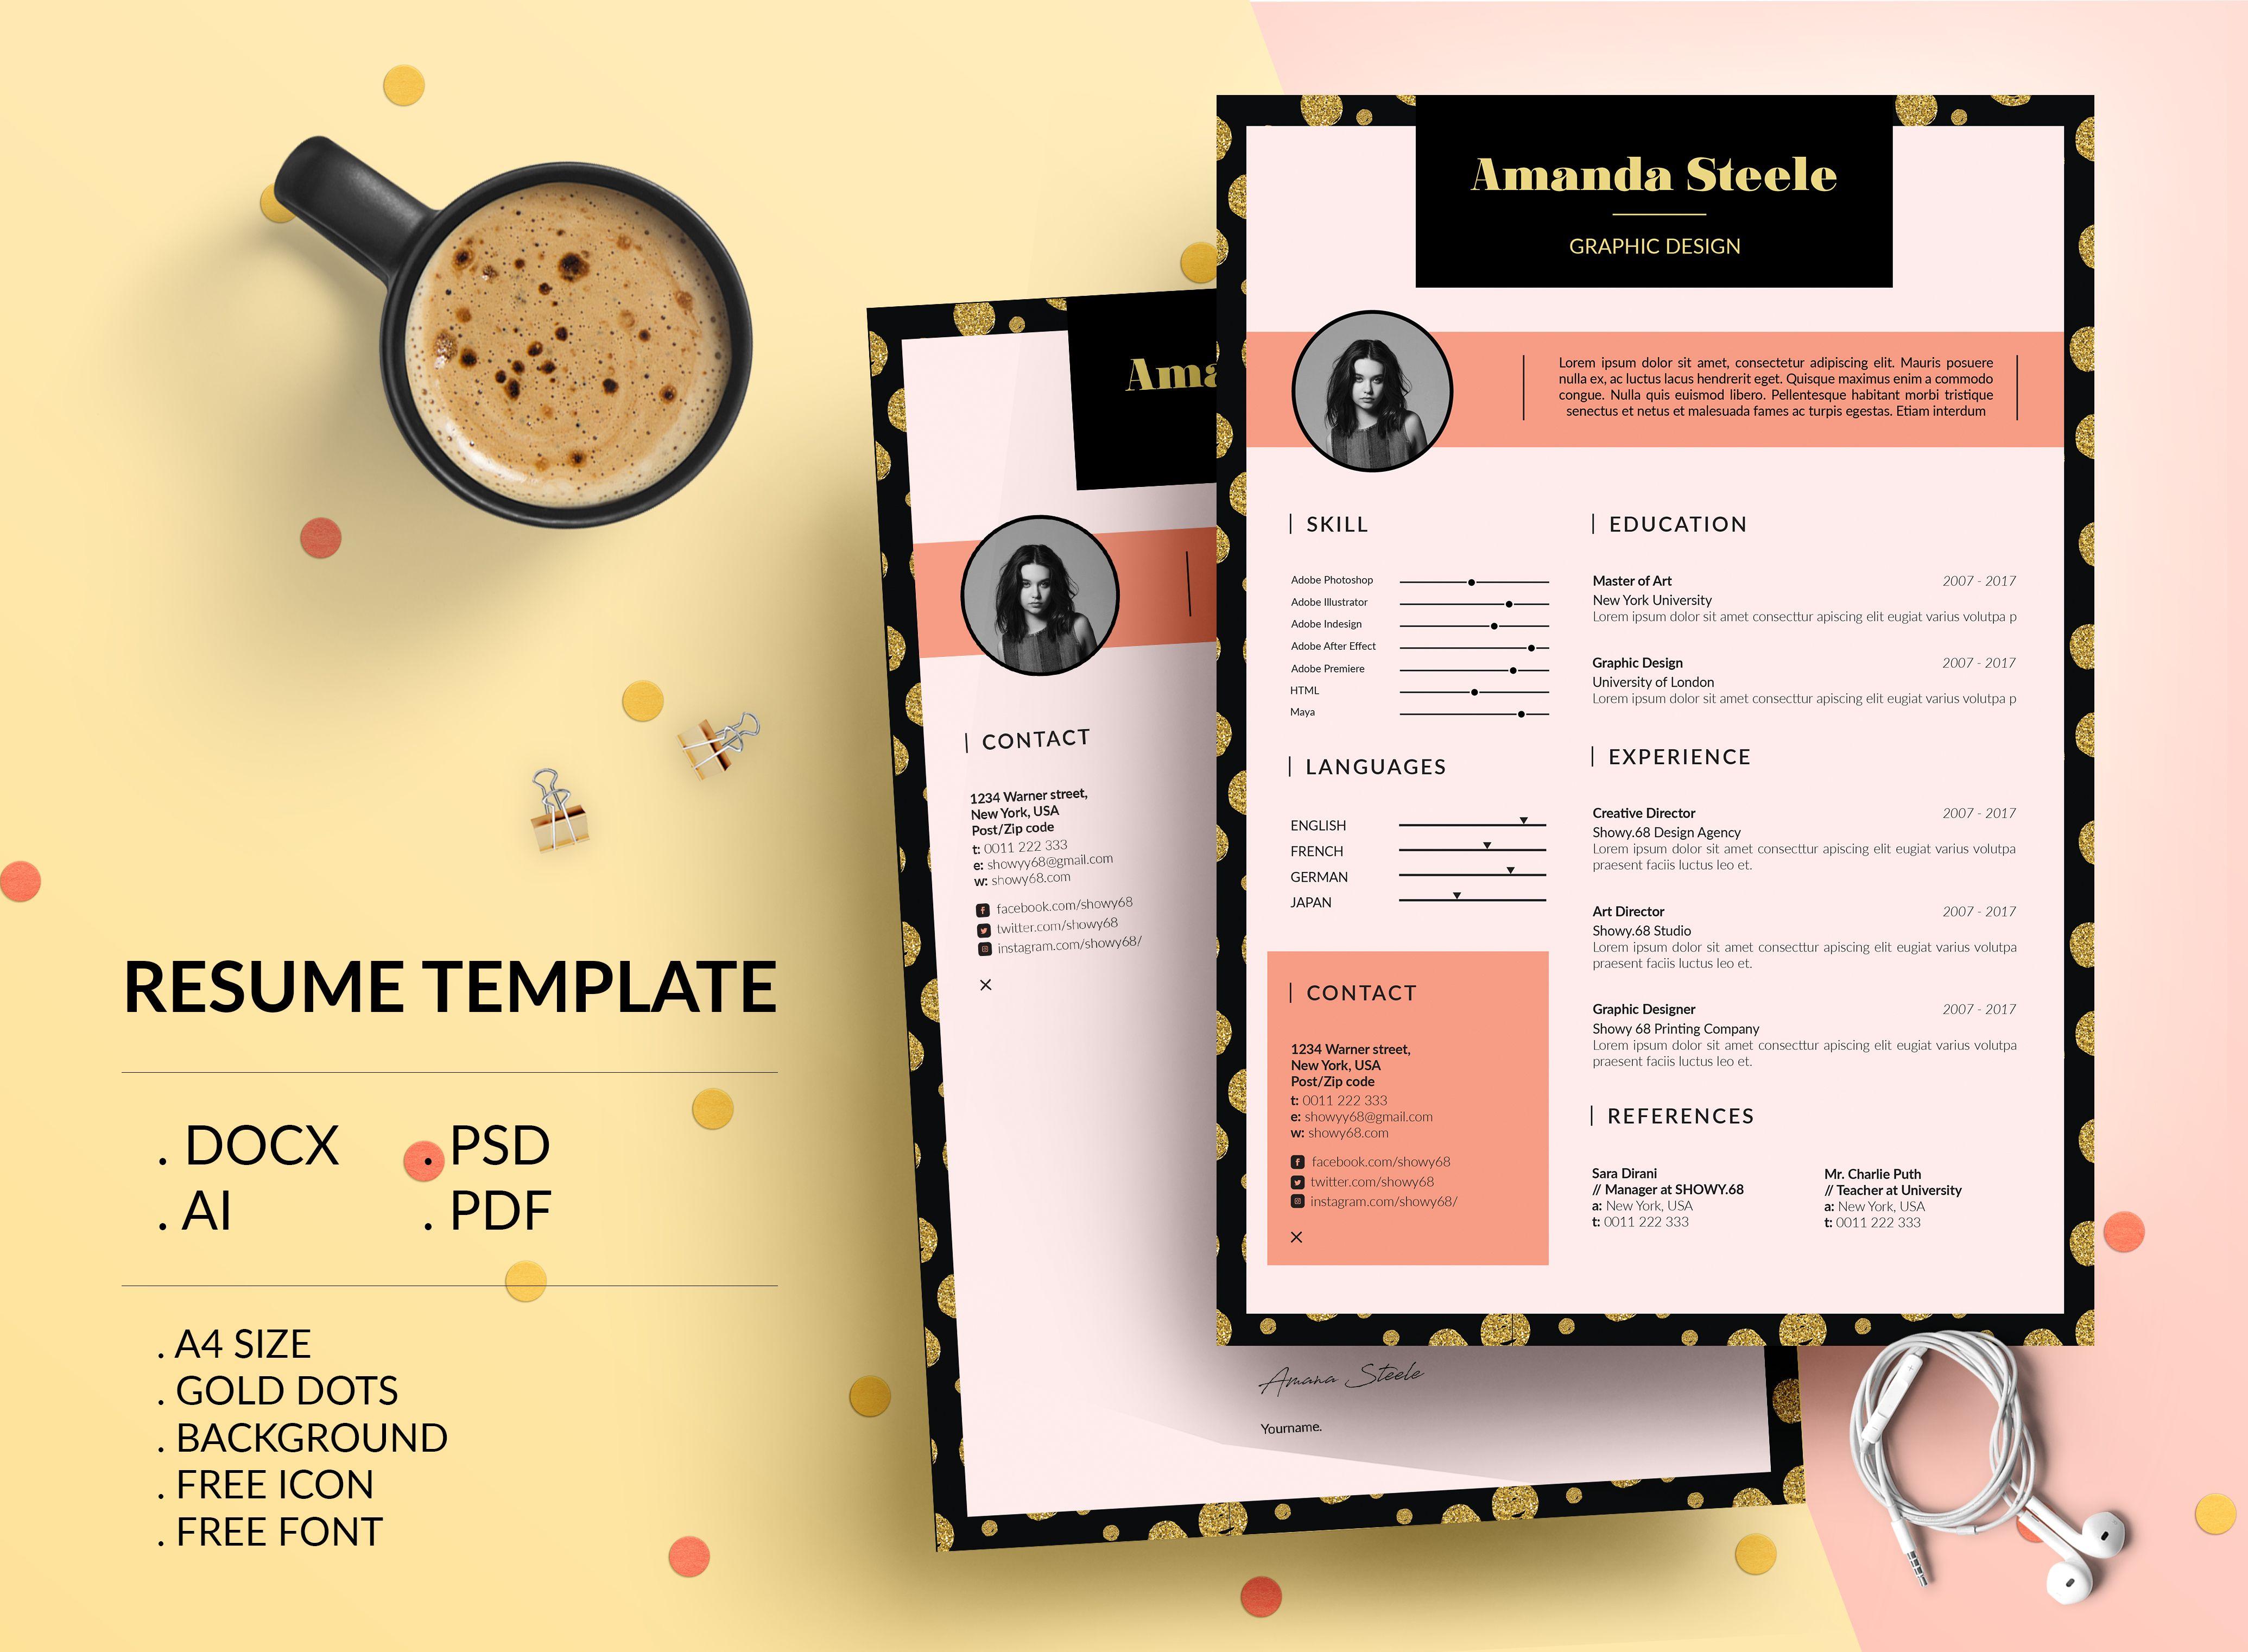 Check Out My @Behance Project: U201cGold Dots Resume Template / CV Templateu201d  Https://www.behance.net/gallery/52587189/Gold Dots Resume Template CV  Template